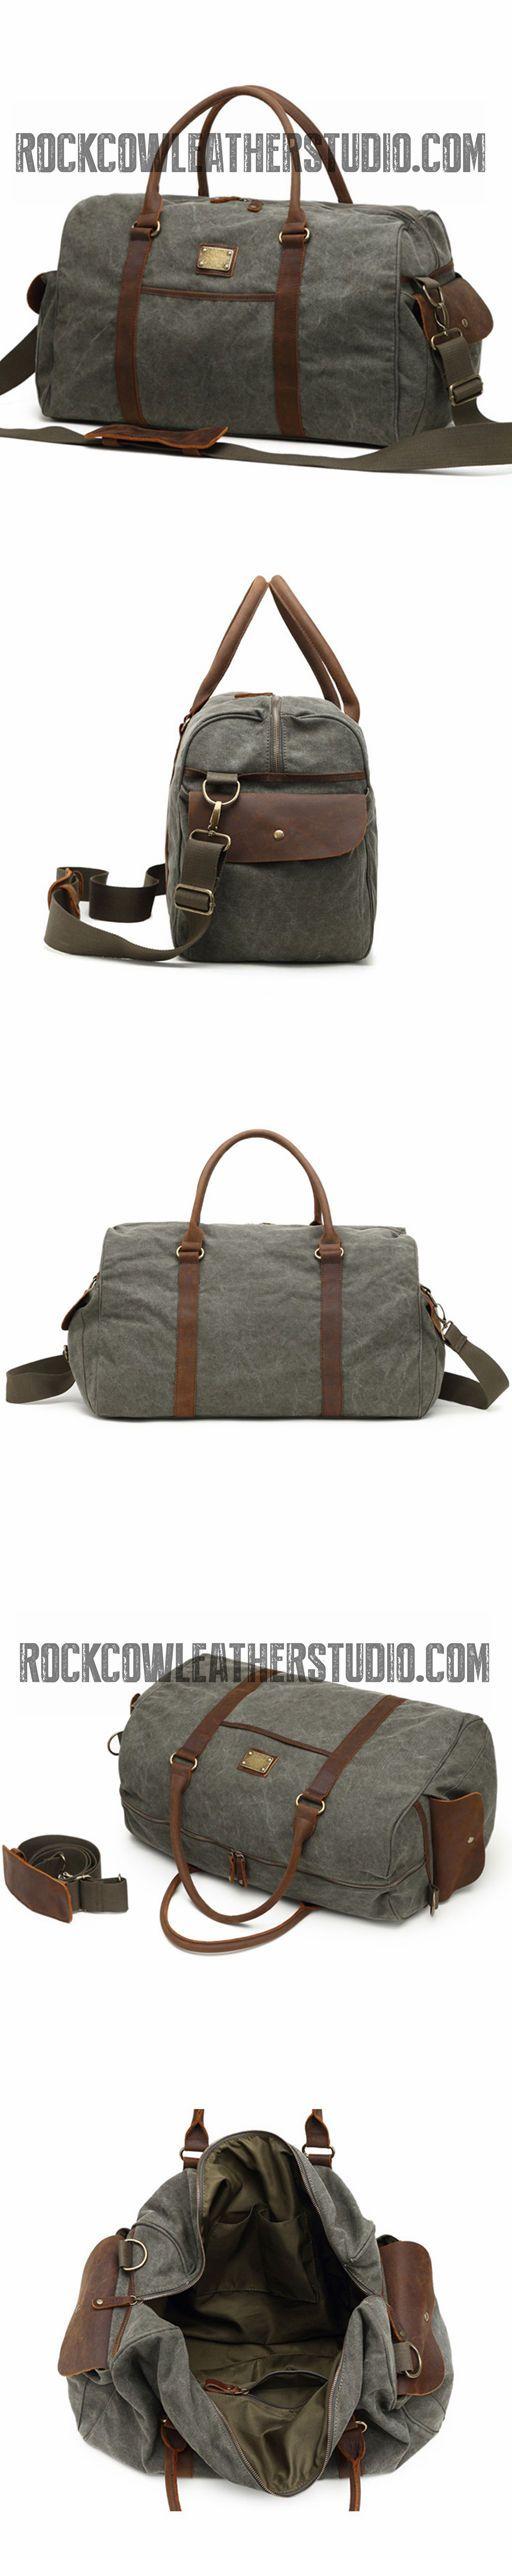 Canvas Fashion Travel Bag, Waterproof Shoulder Bag, Overnight Bag FX944-1